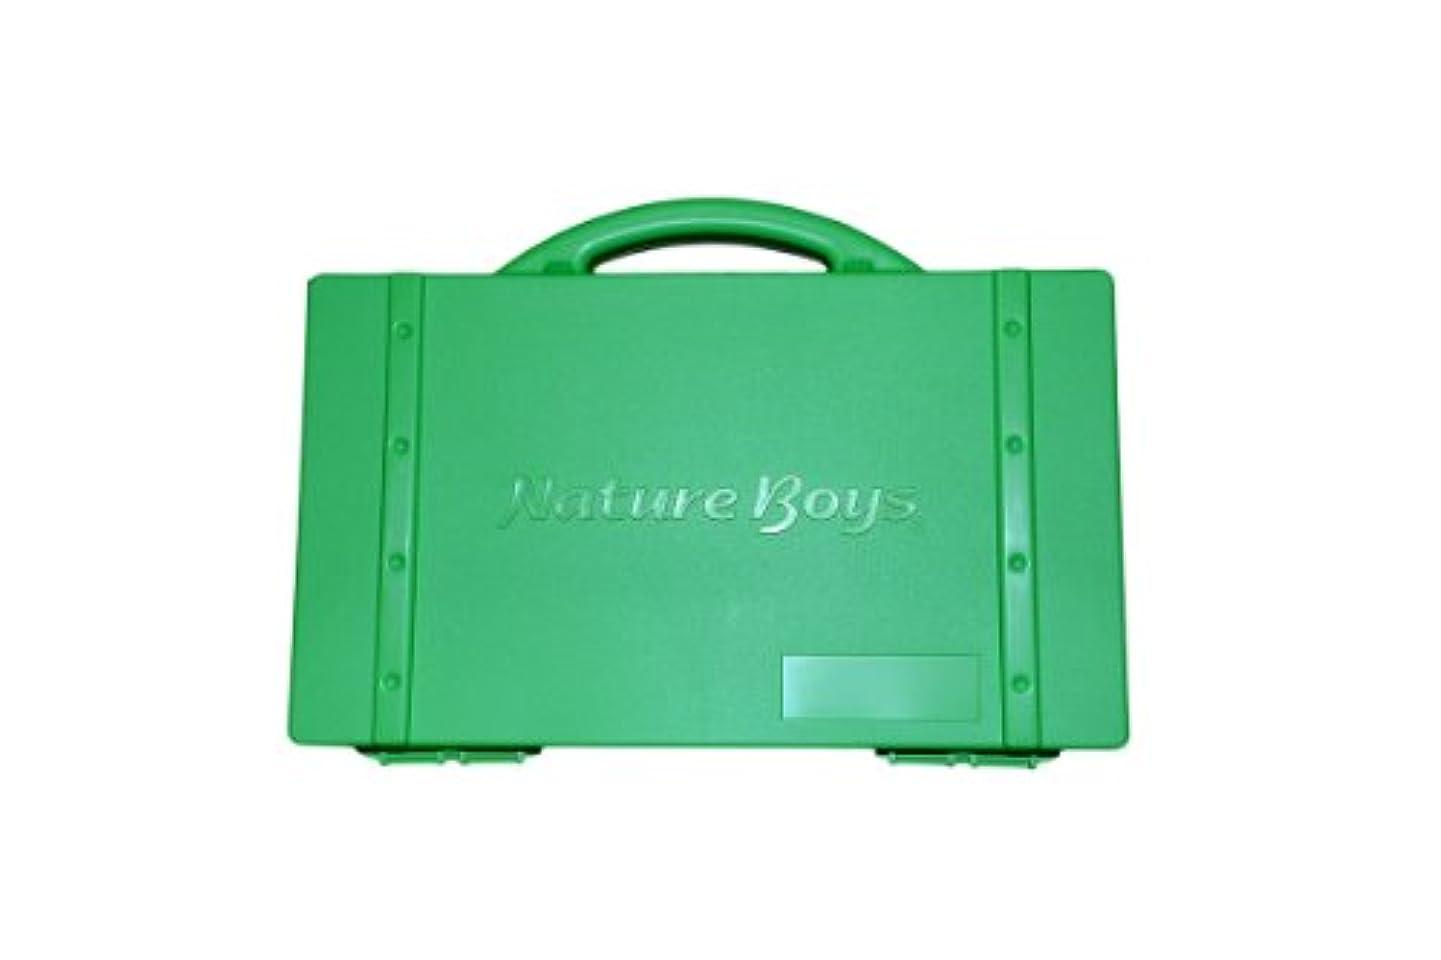 バックアップ旋律的スリチンモイNature Boys(ネイチャーボーイズ) ルアーボックス リサイクルルアーボックス  グリーン